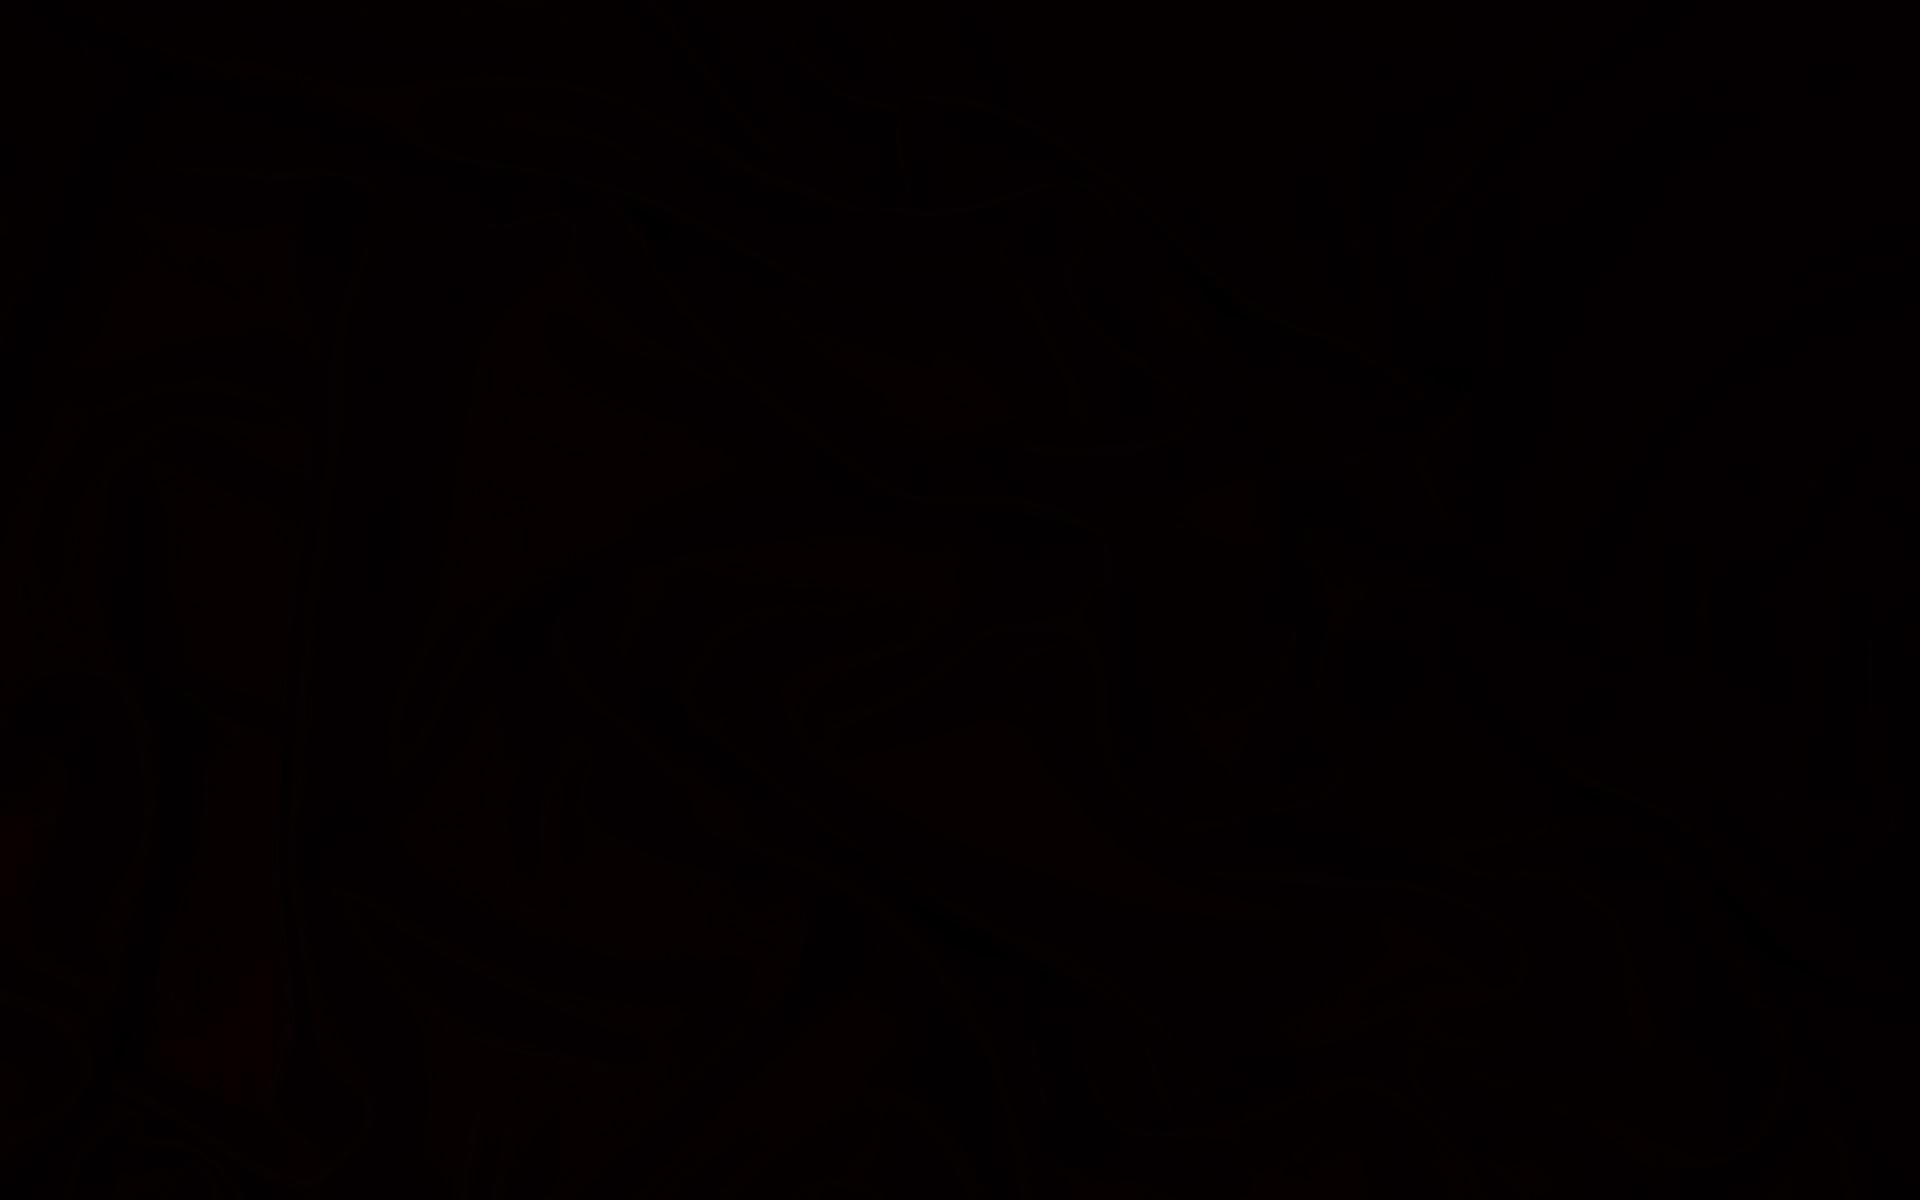 Открытки для, картинки черного цвета без рисунка